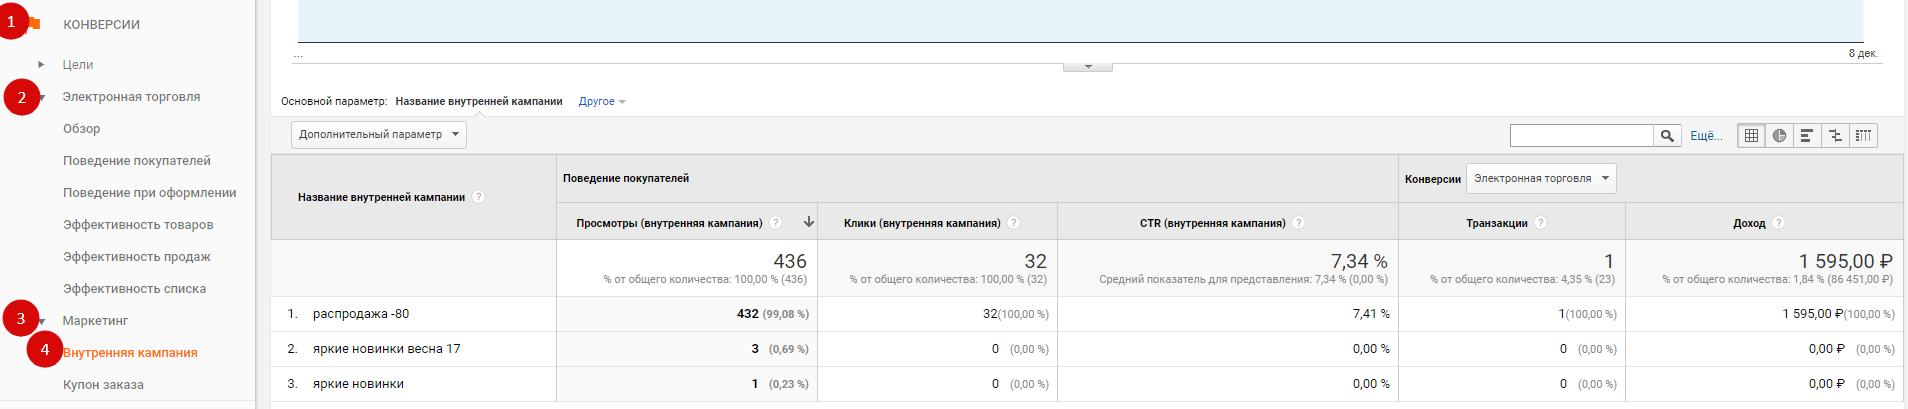 Пример отчета по внутренним кампаниям в Google Analytics